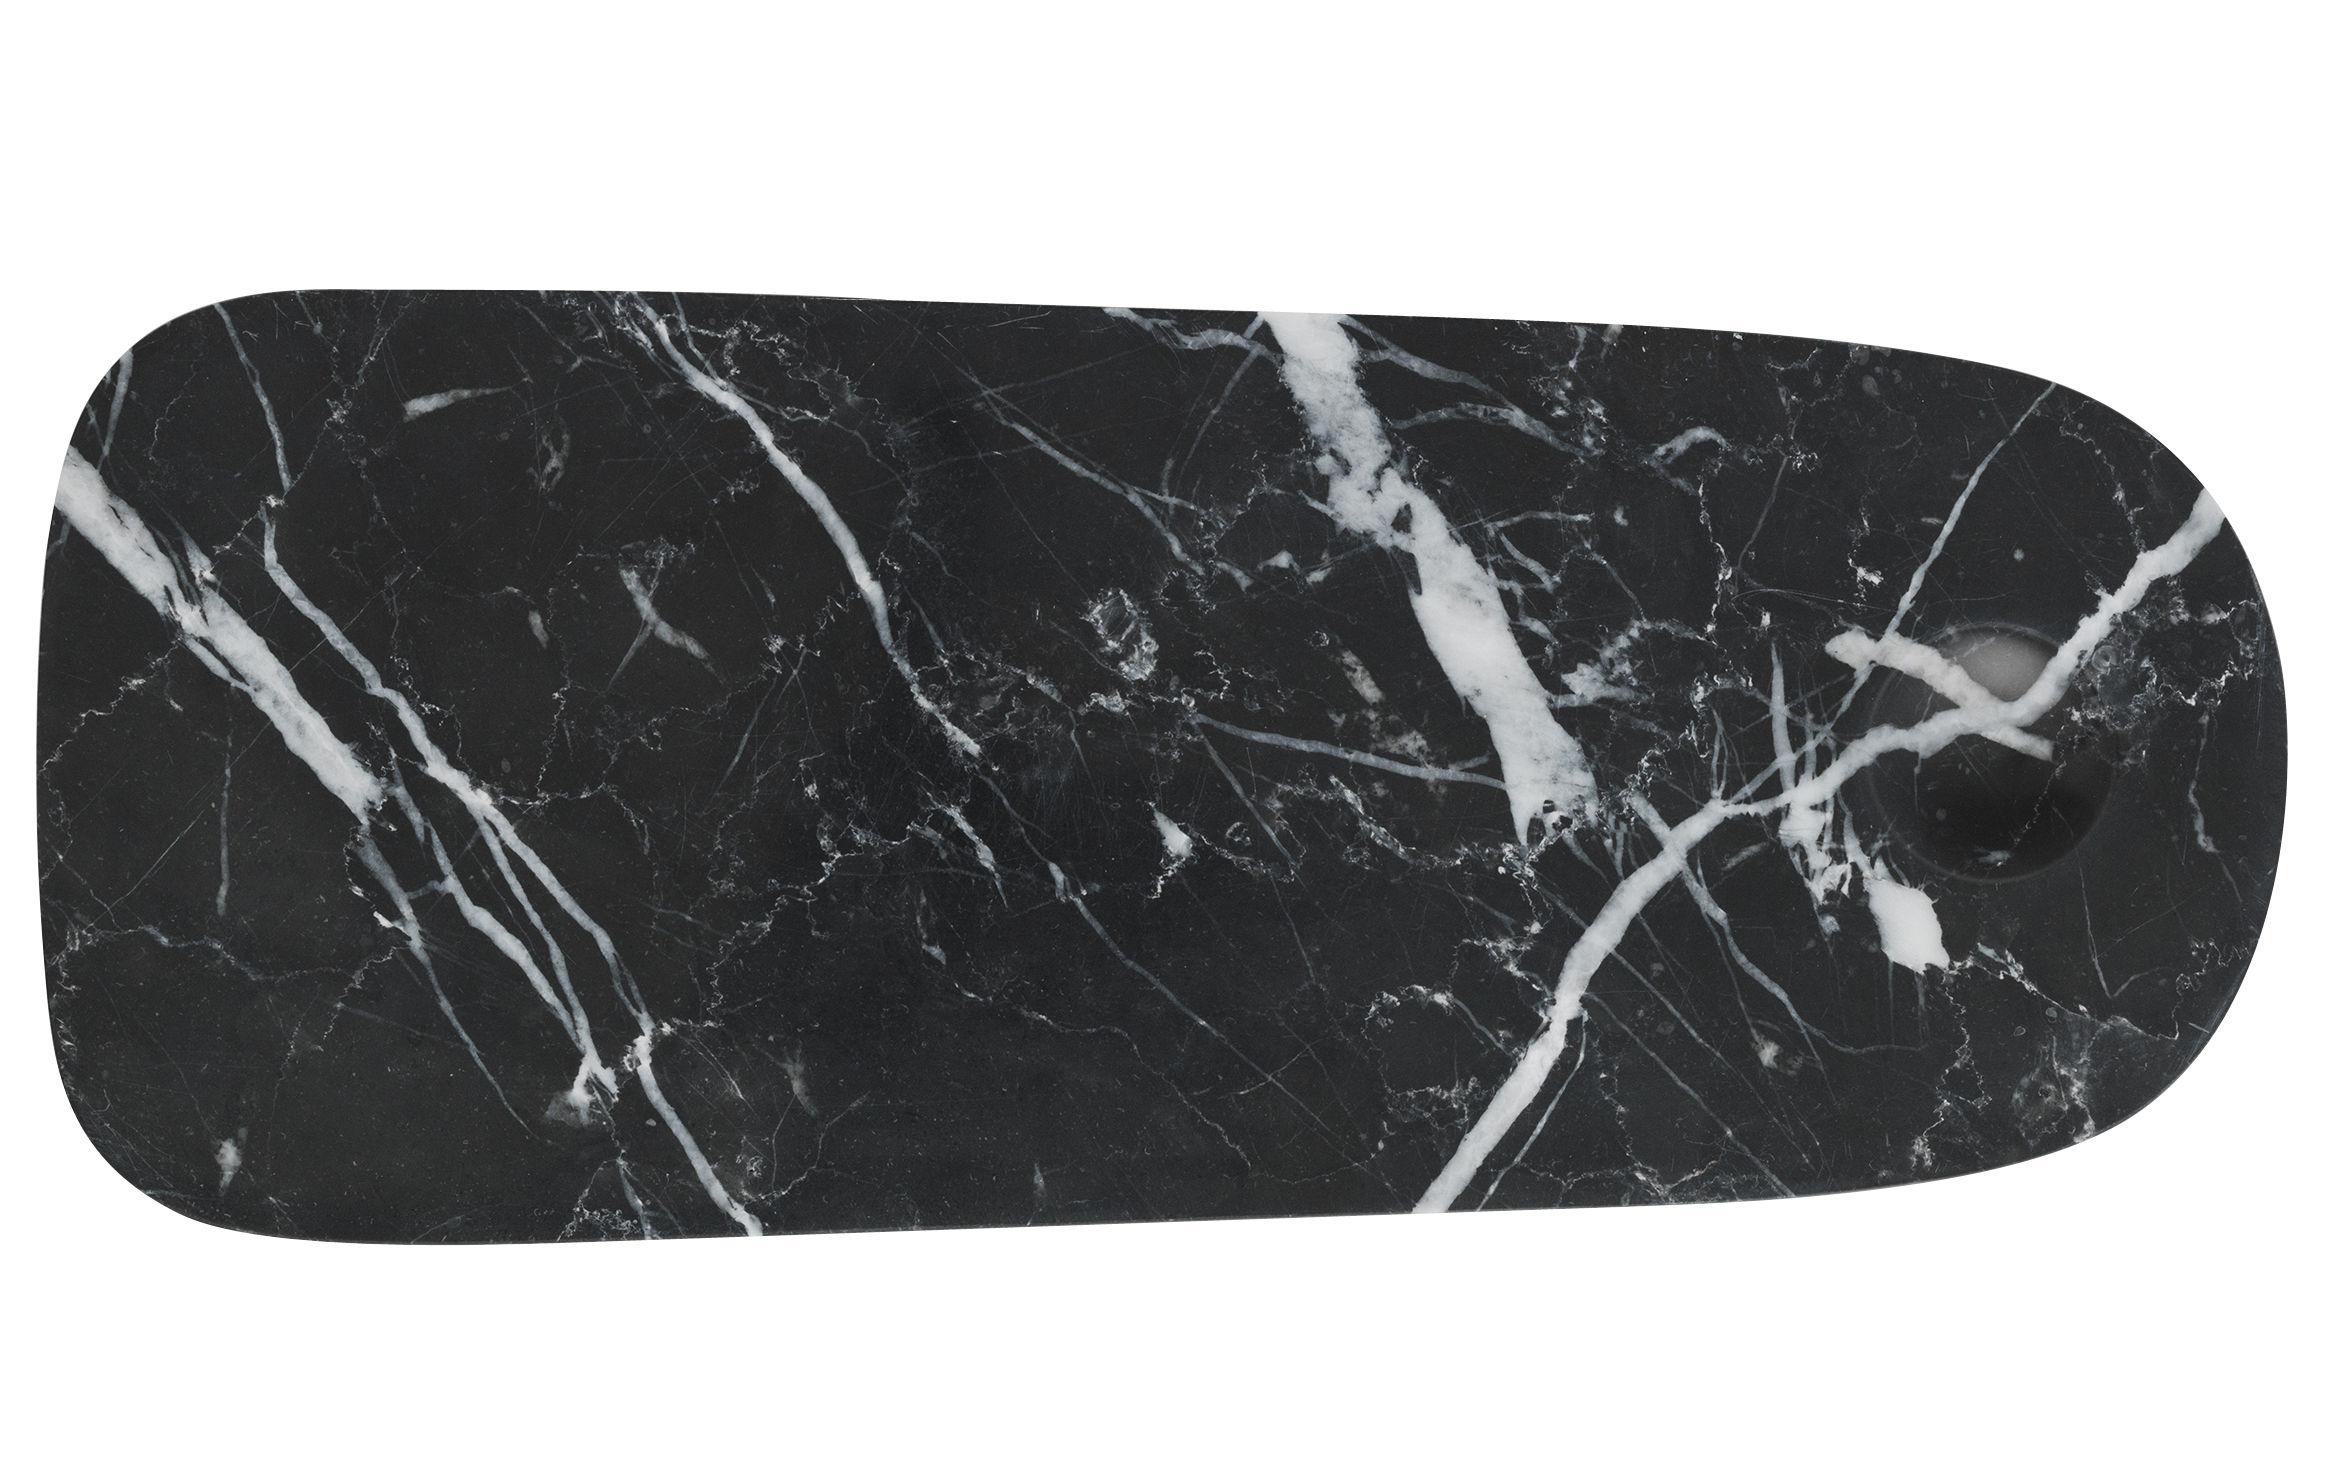 Tavola - Vassoi  - Tagliere Pebble Small / Vassoio per formaggi - Marmo - Normann Copenhagen - 12 x 30 cm / Nero - Marmo lucido